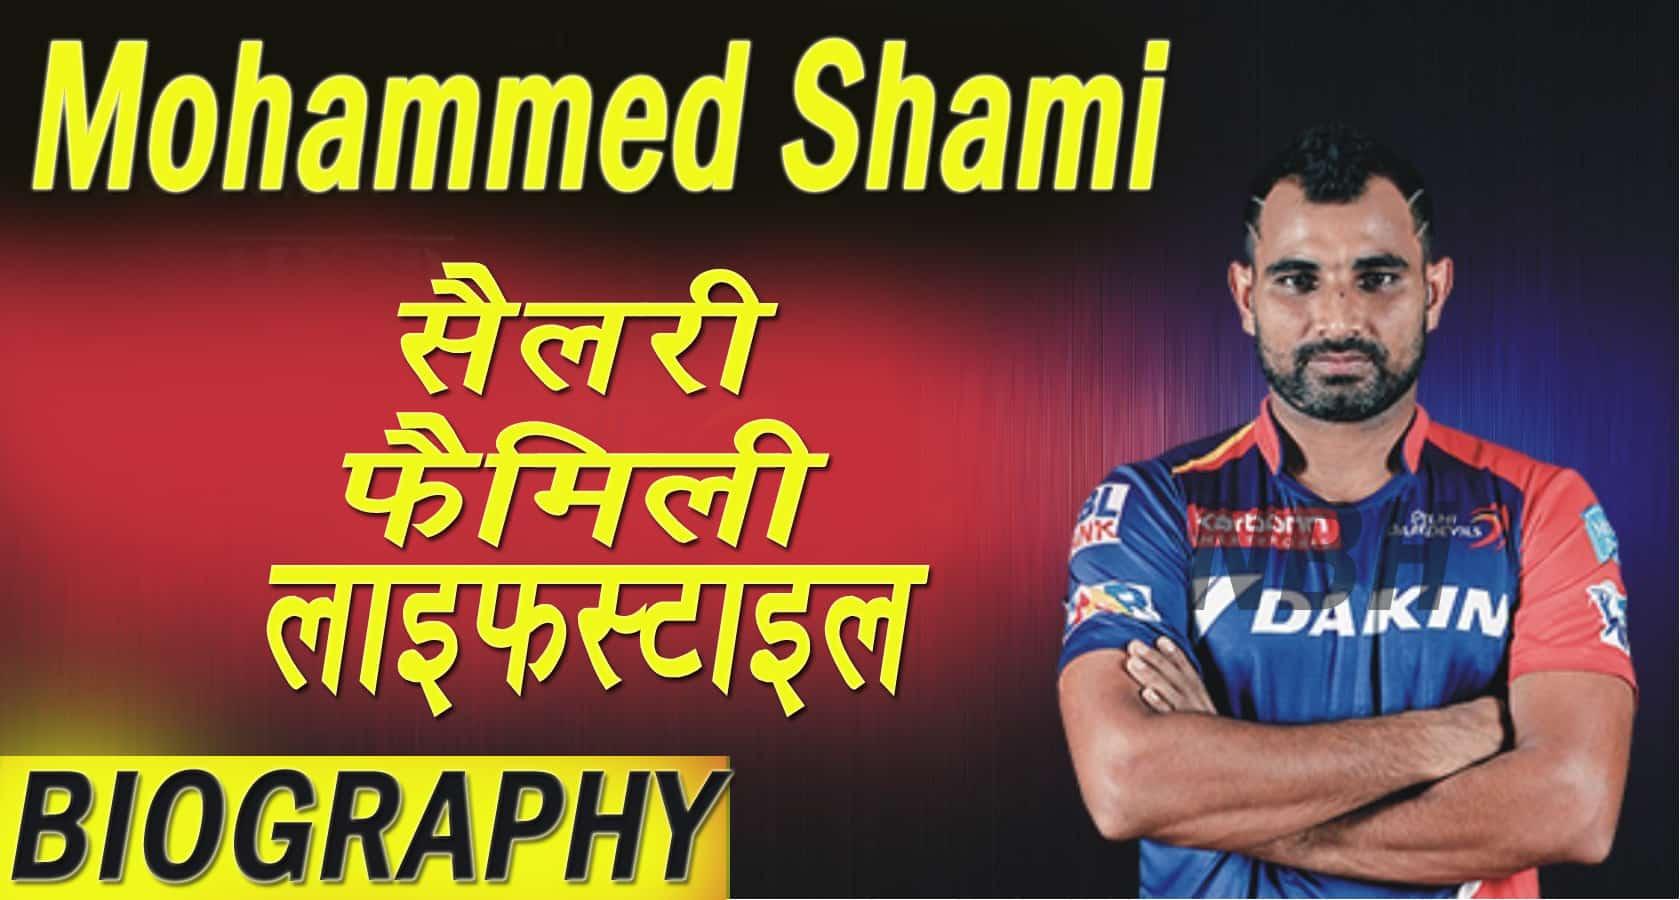 Mohammad shami Lifestyle